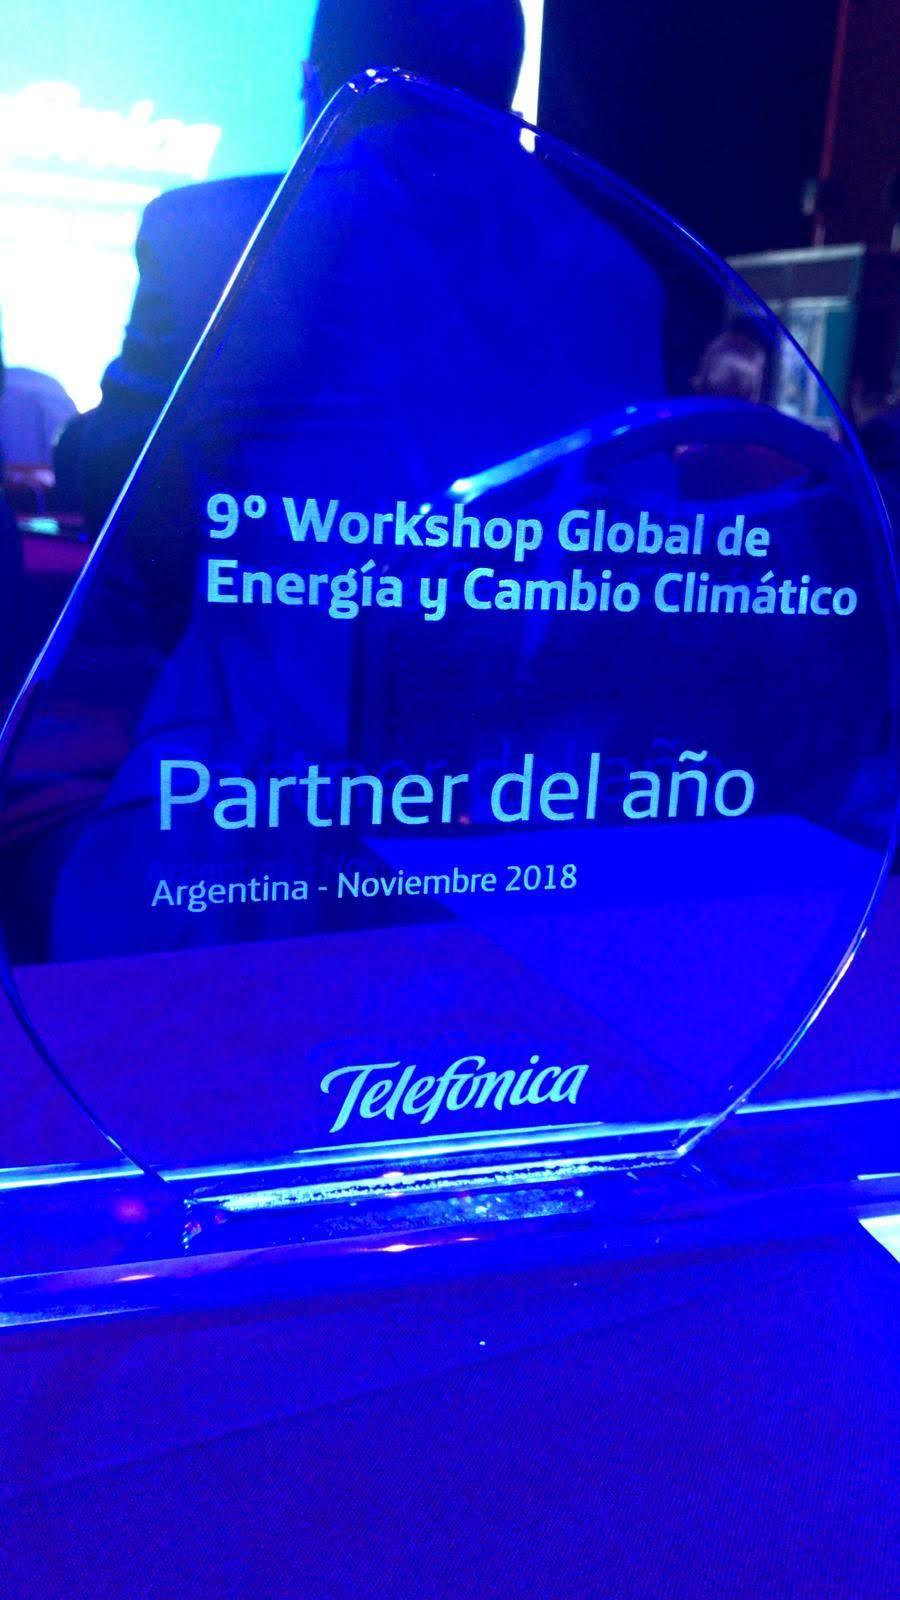 premio partner del año para SME & Desigenia